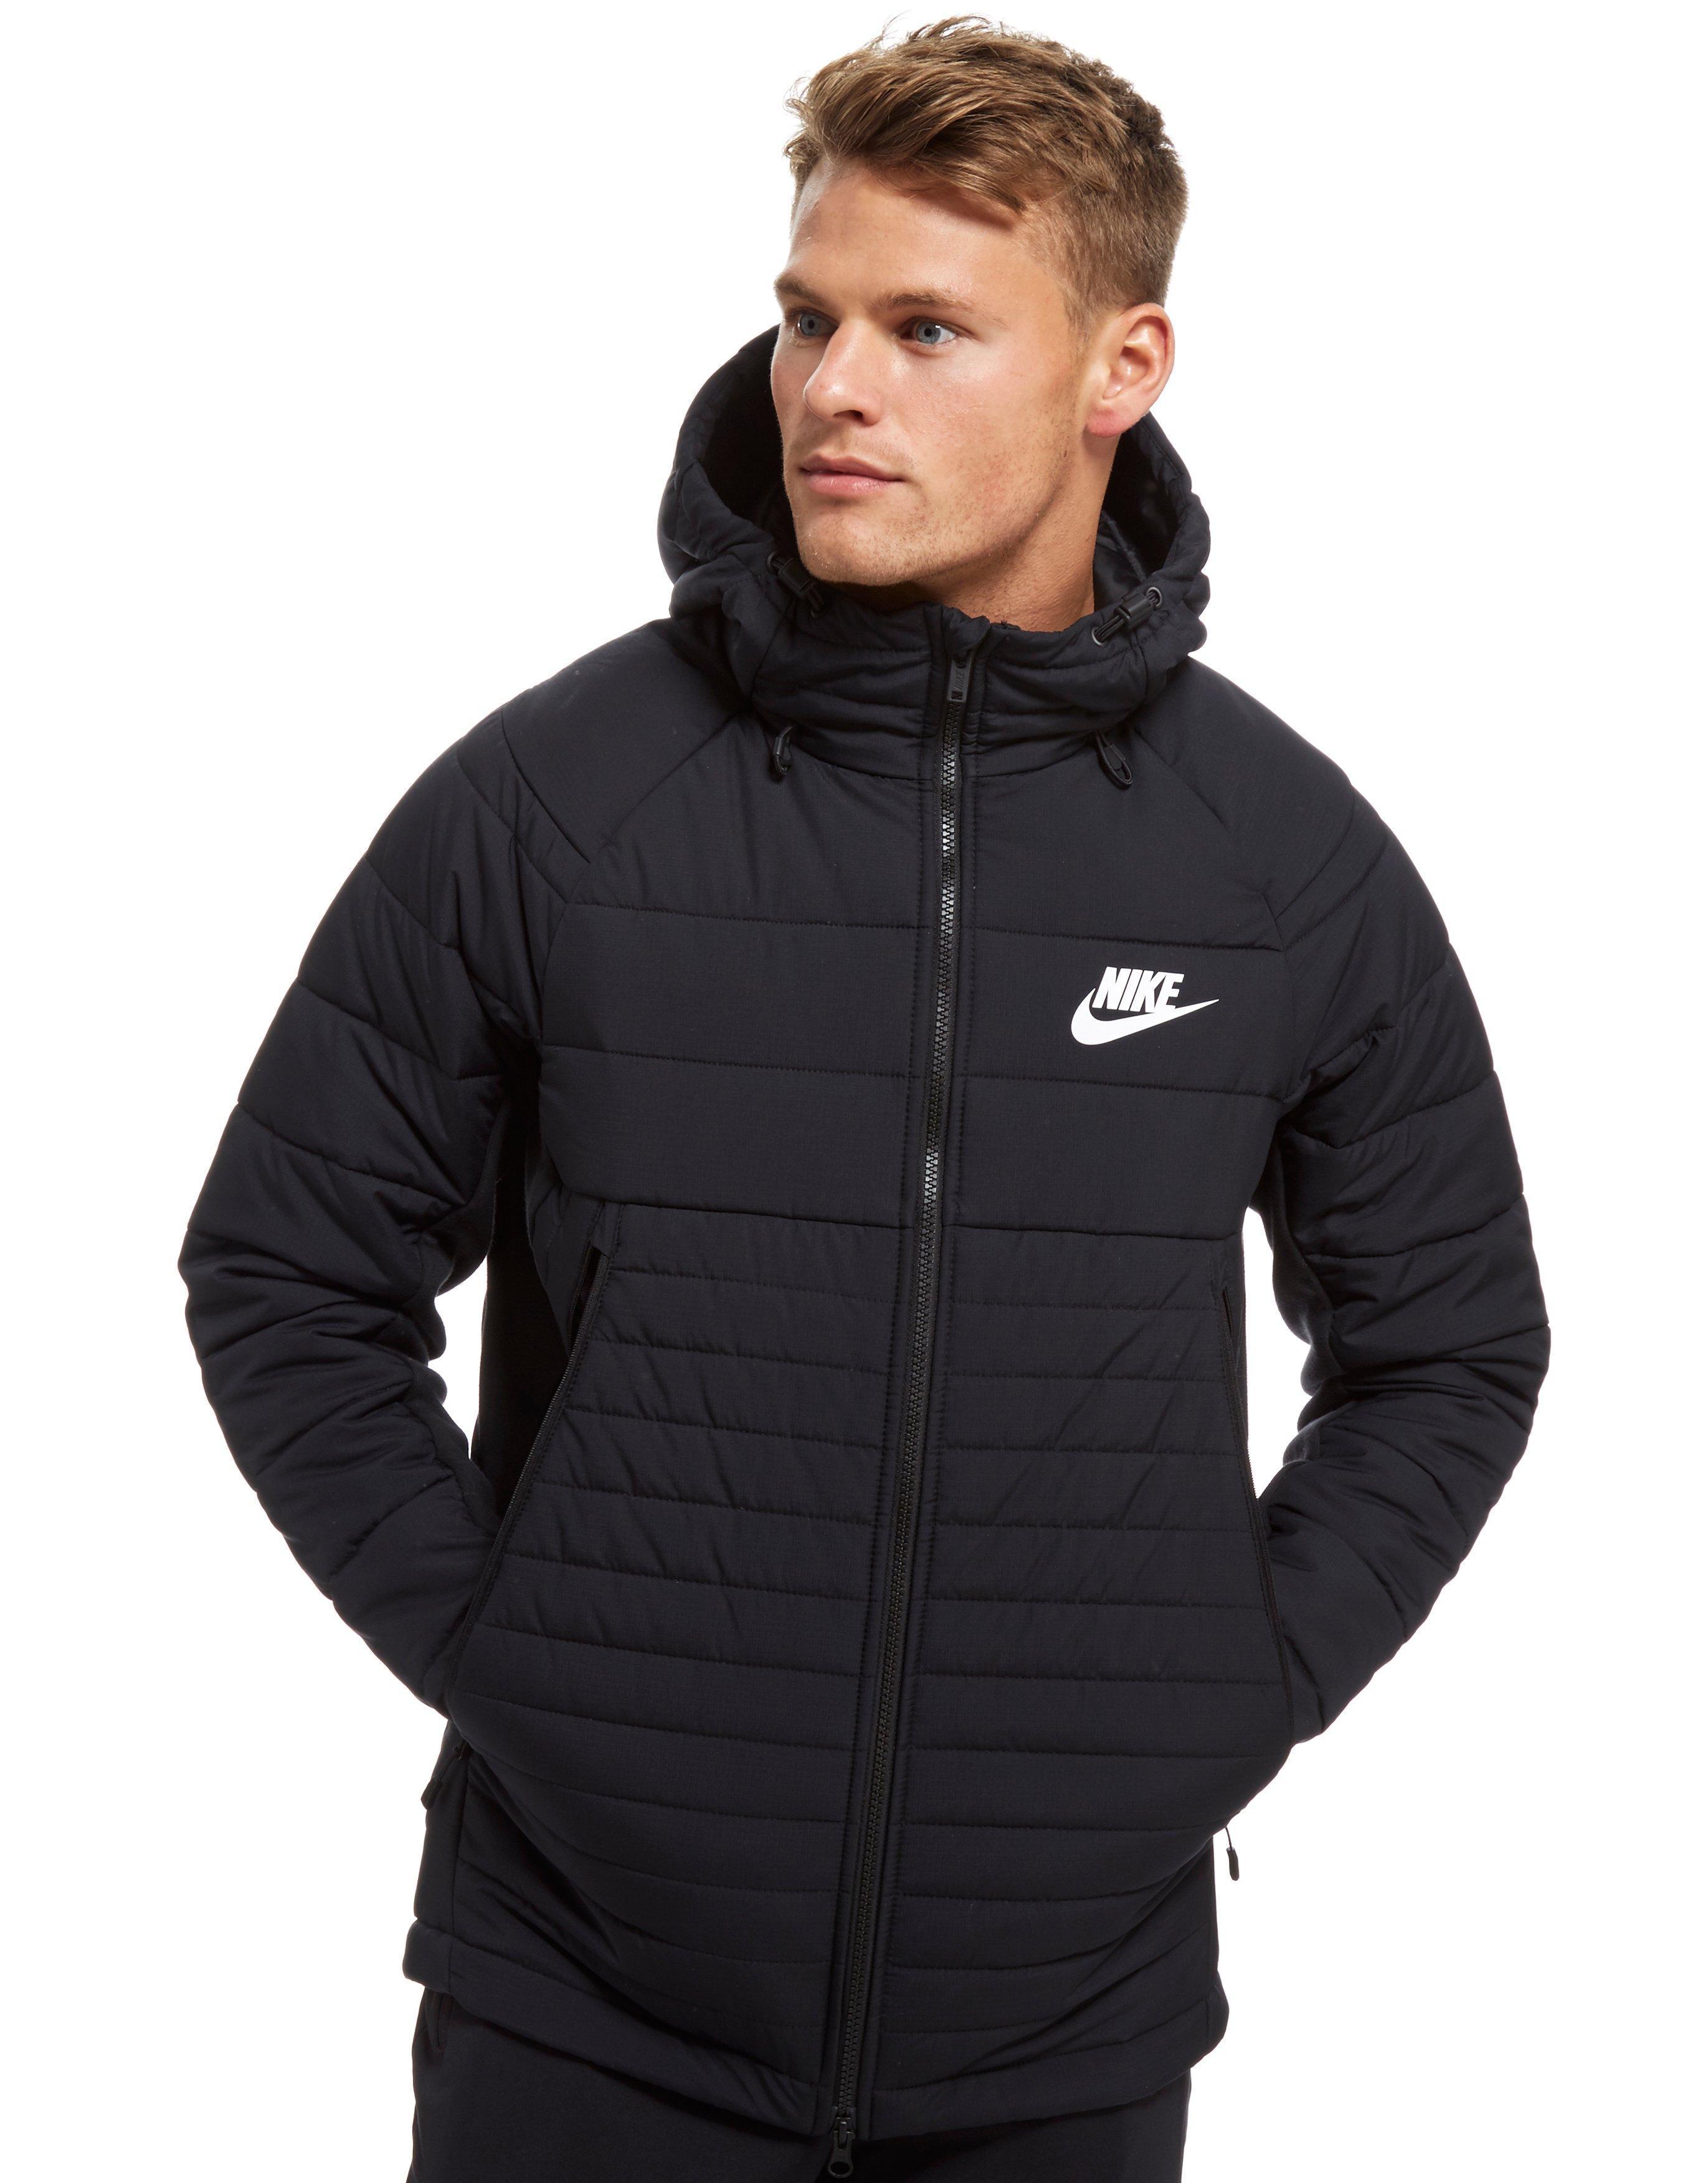 6525226c5665 Nike Sportswear Hooded Down Jacket in Black for Men - Lyst